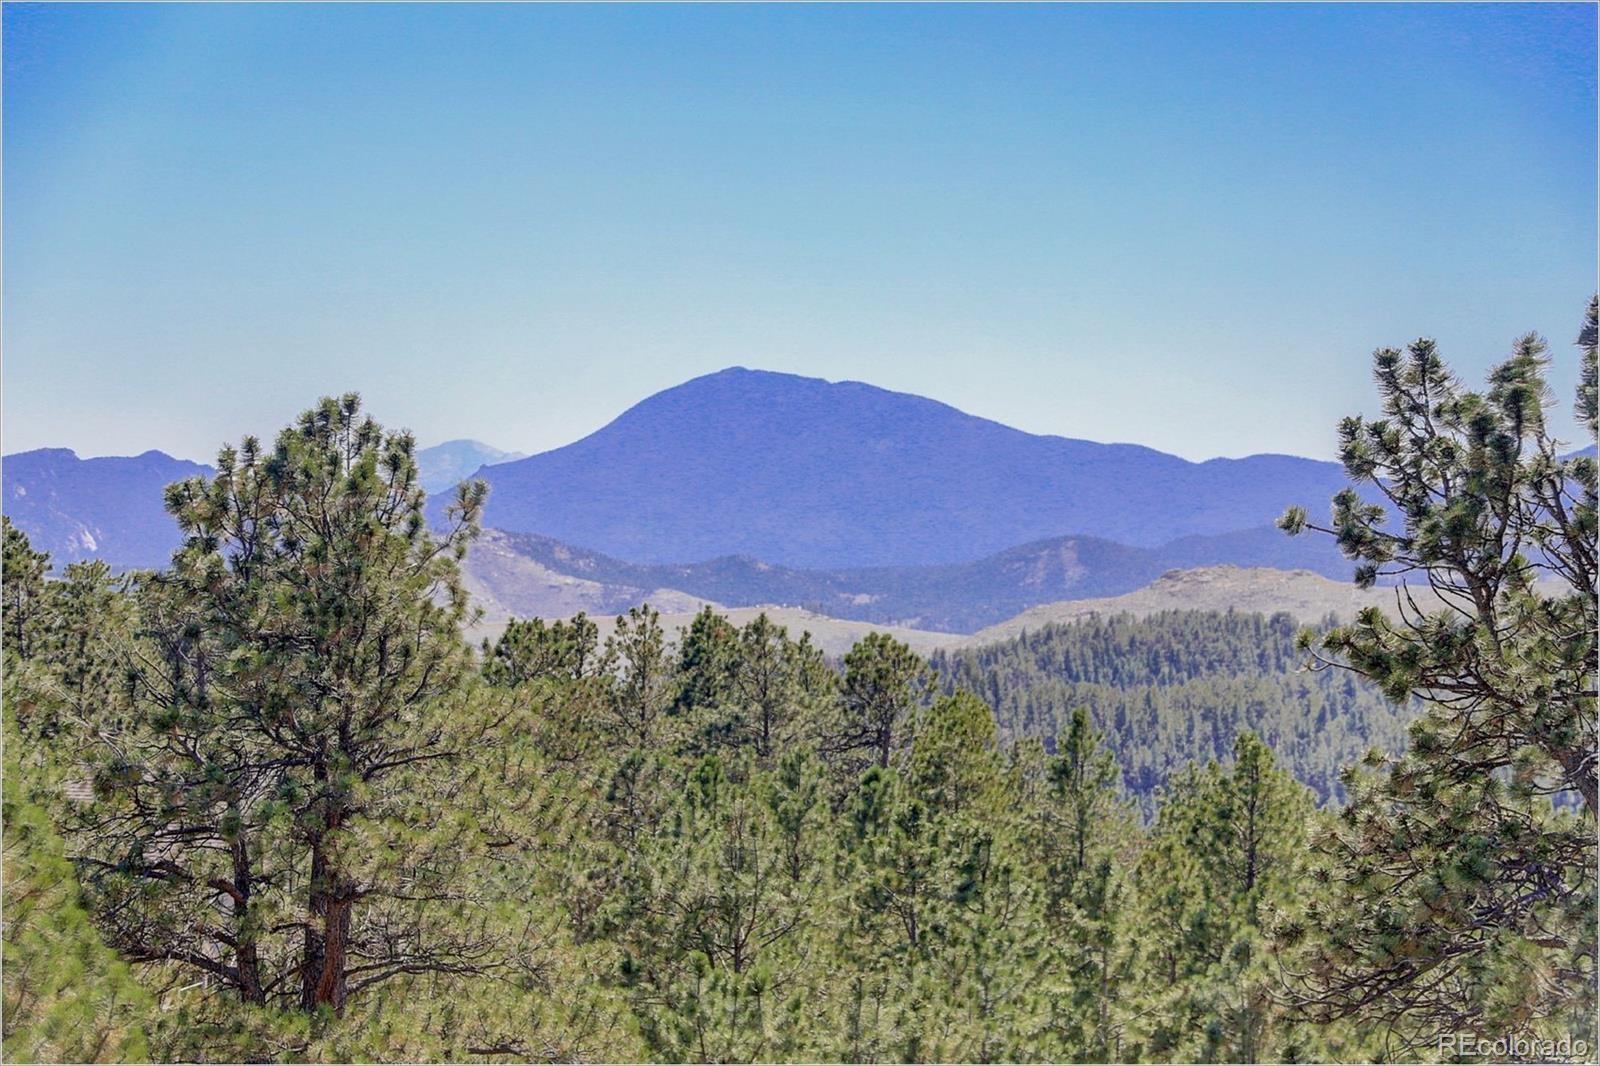 MLS# 7982246 - 11 - 13831 Douglas Ranch Drive, Pine, CO 80470